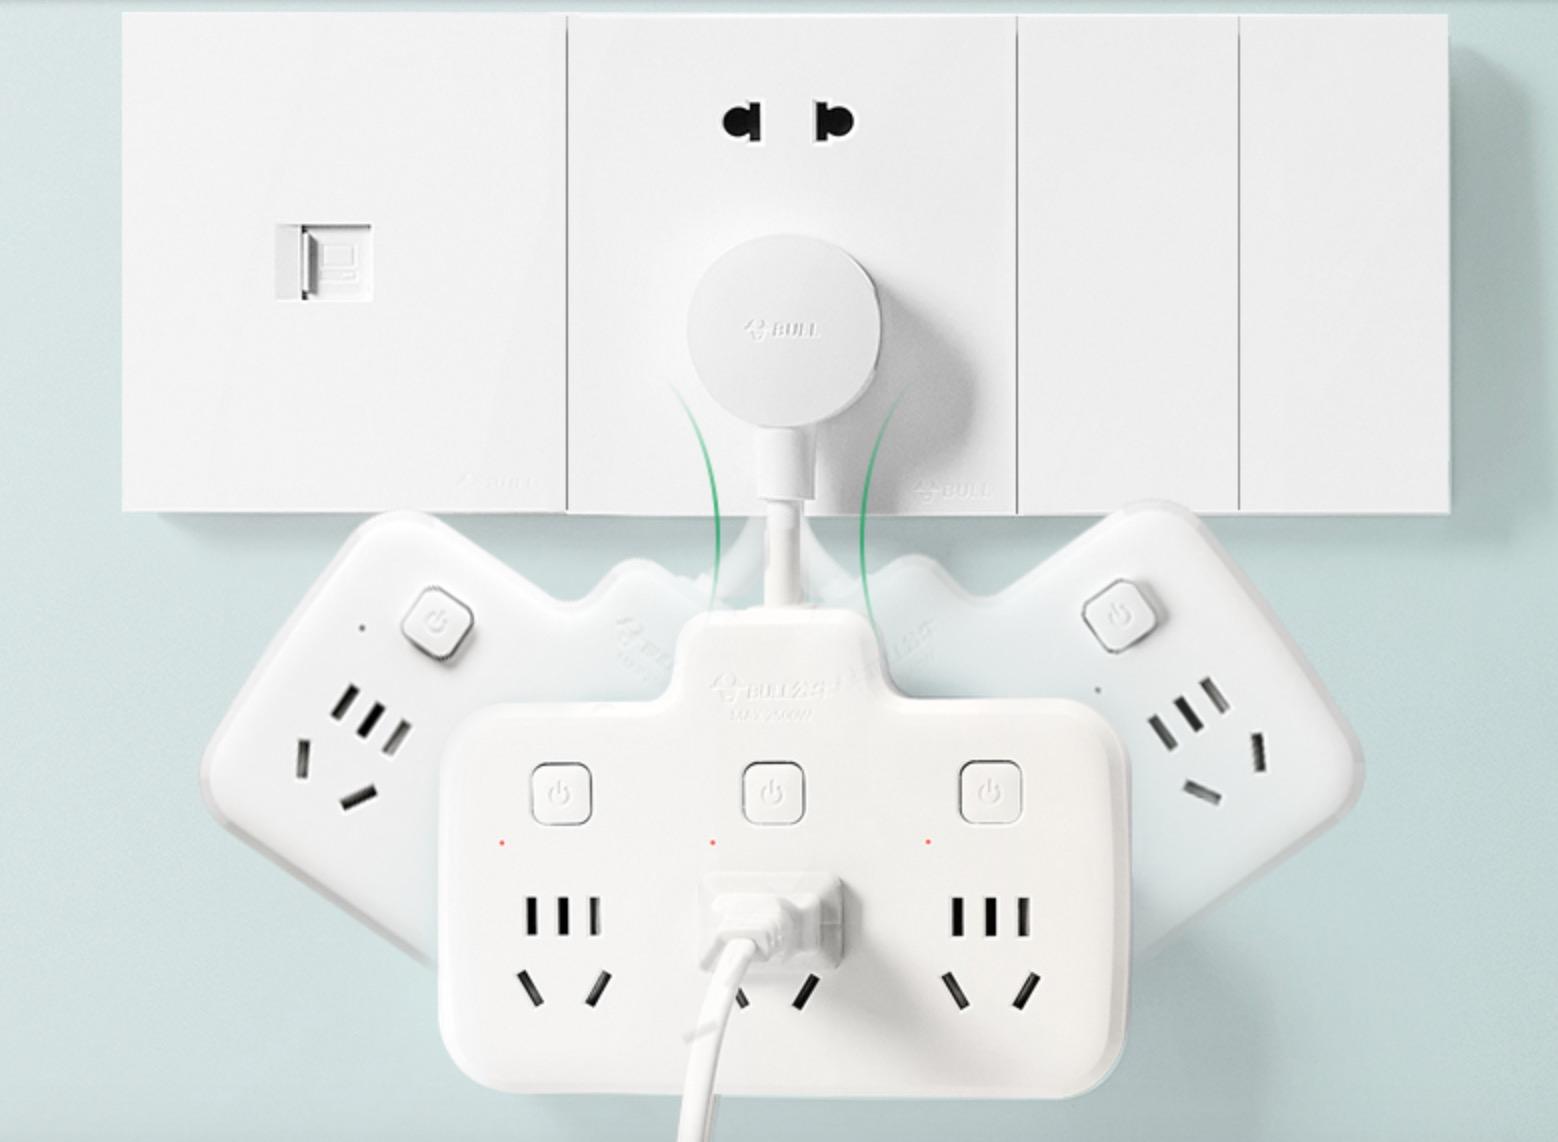 公牛电源转换器:告别杂乱的电源线